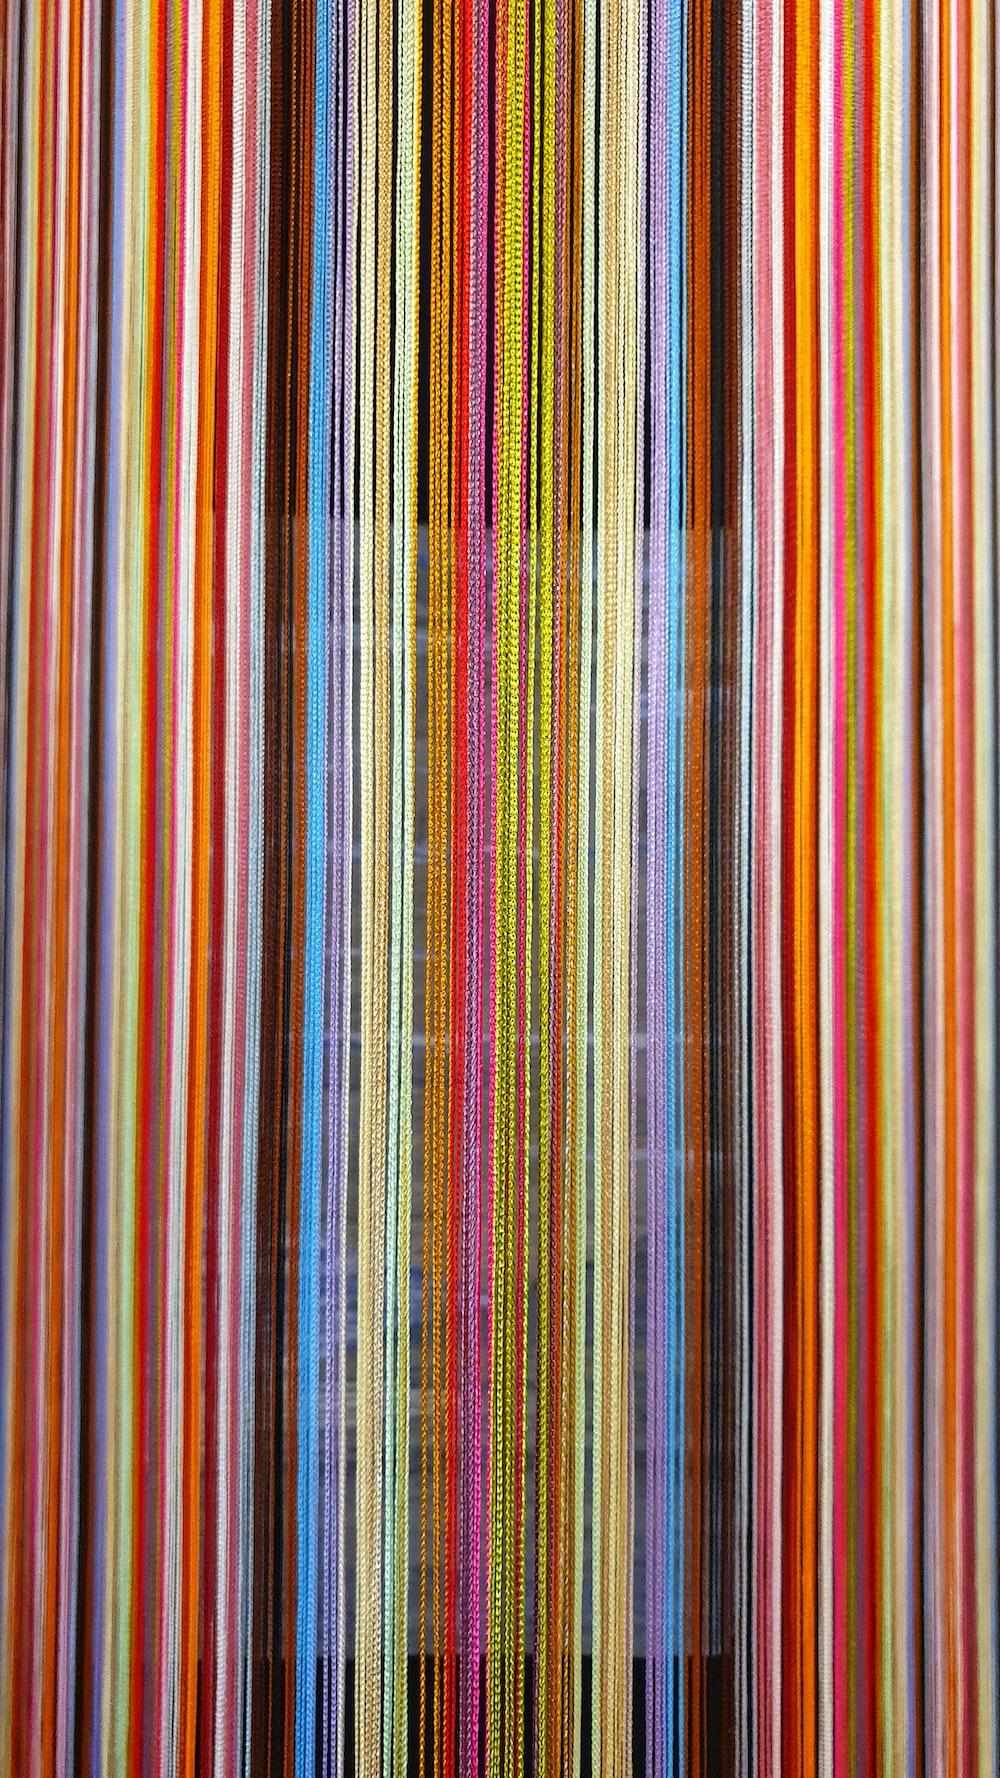 multicolored striped wallpaper